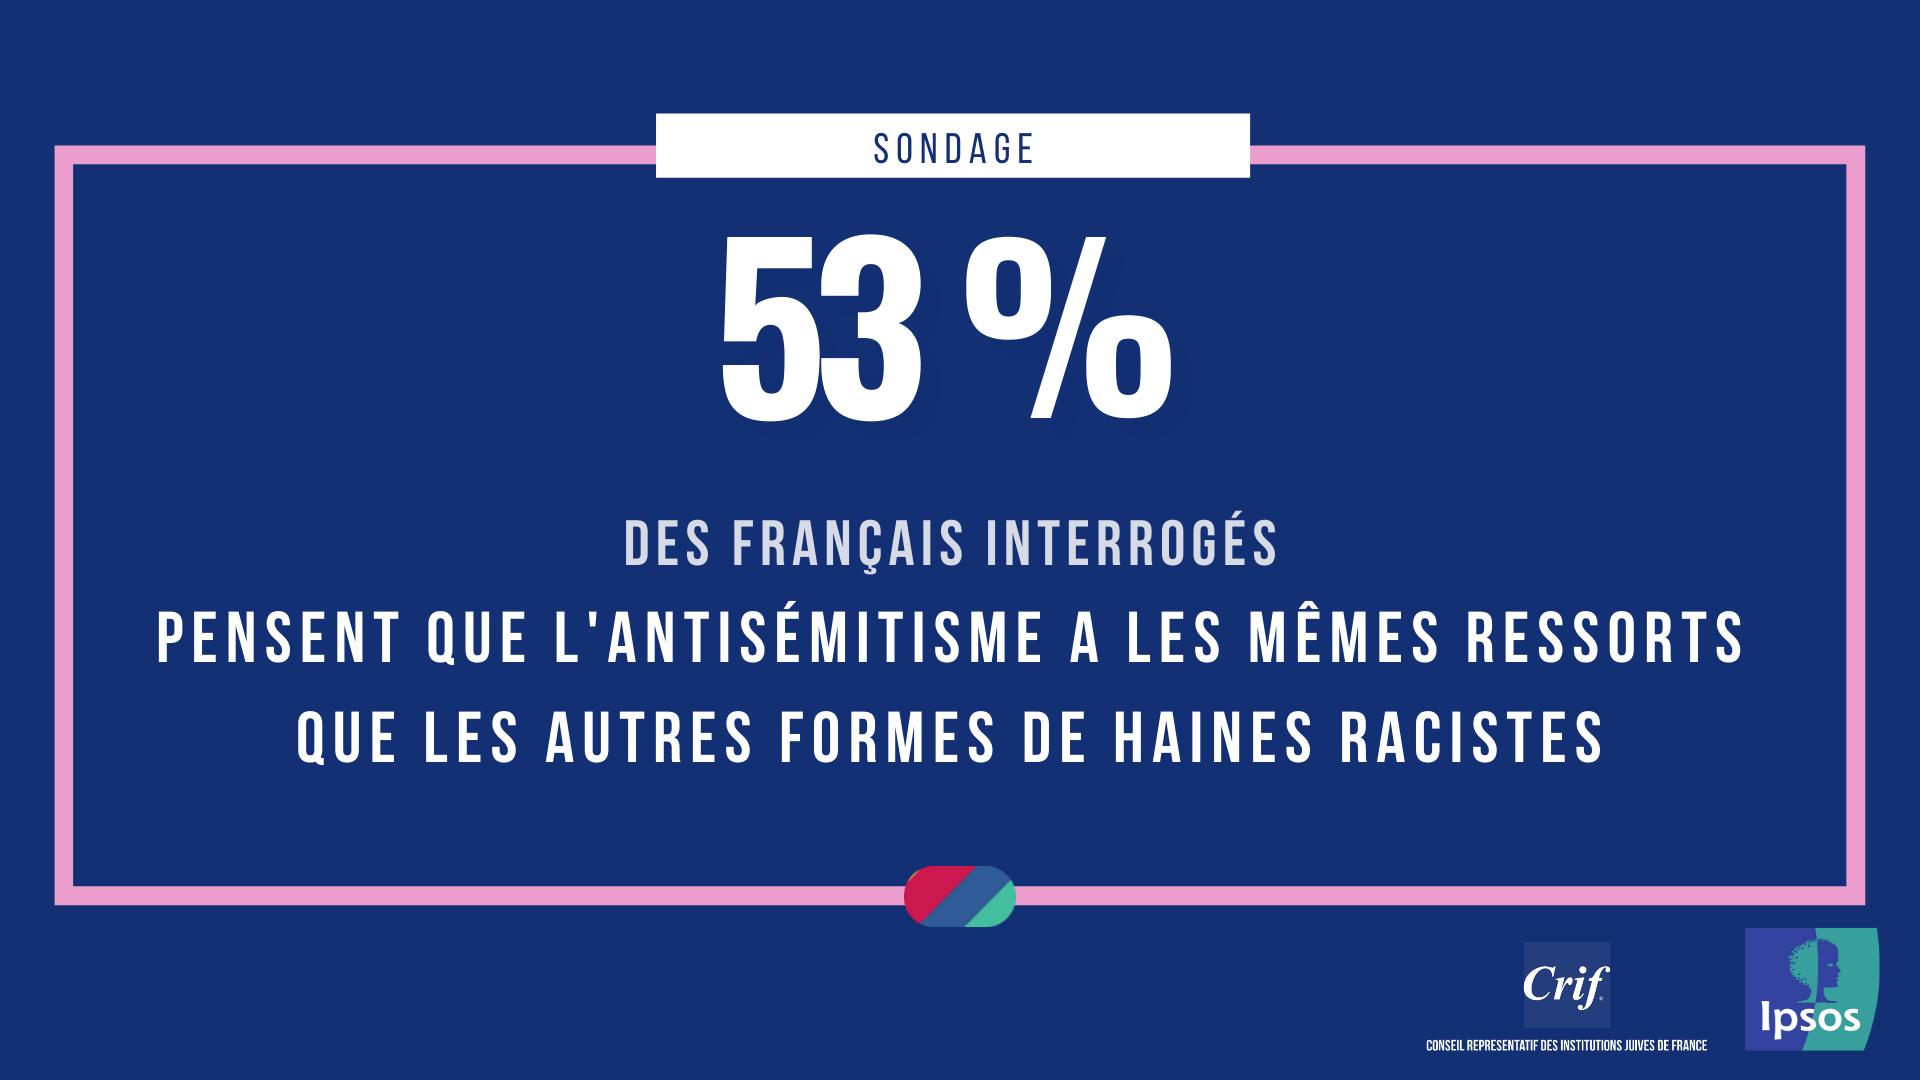 53% des français pensent que l'antisémitisme a les mêmes ressorts que les autres formes de haines racistes